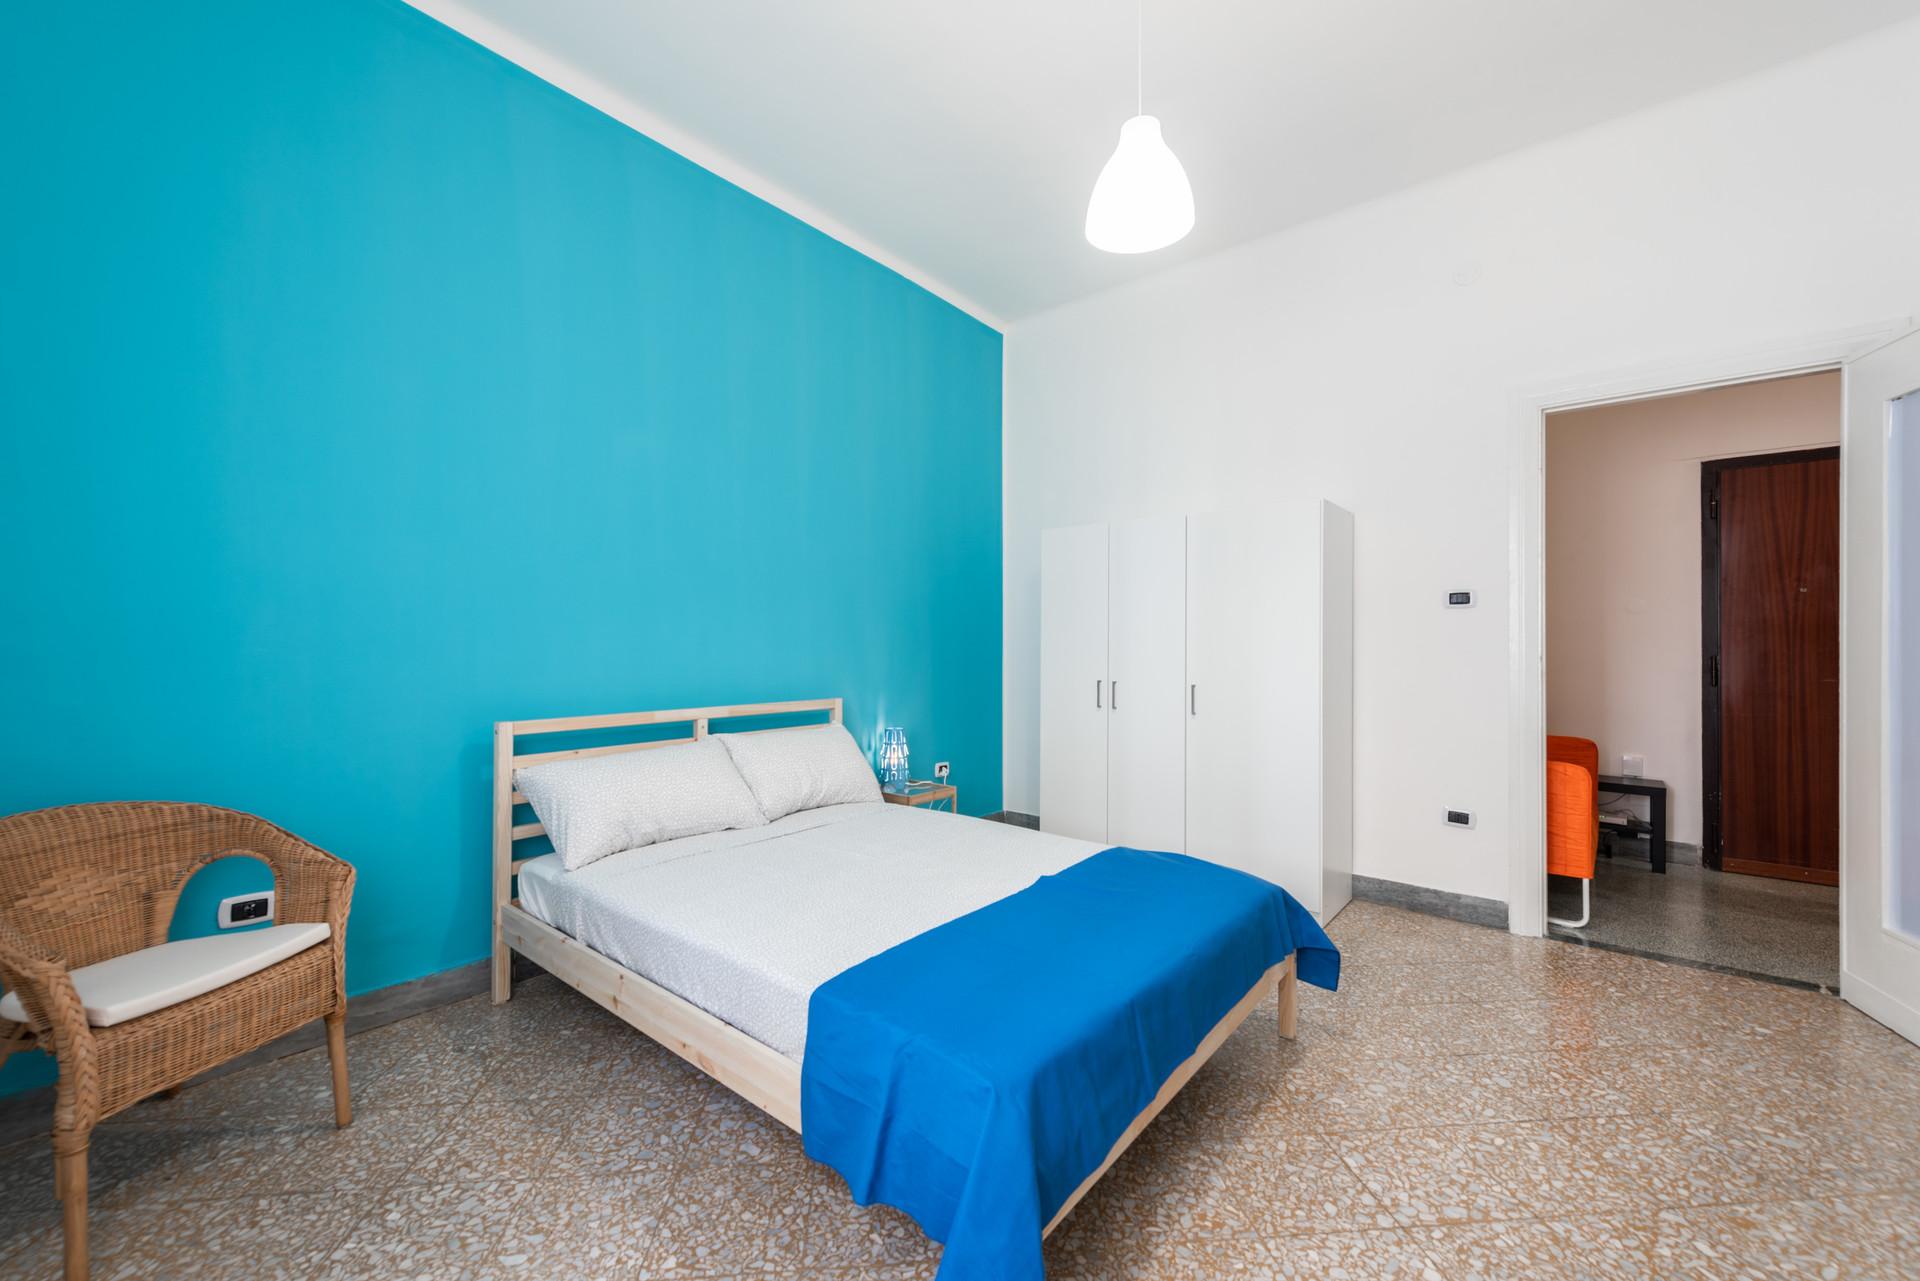 Via Brigata Bari, 11, 70123 Bari BA, Italia